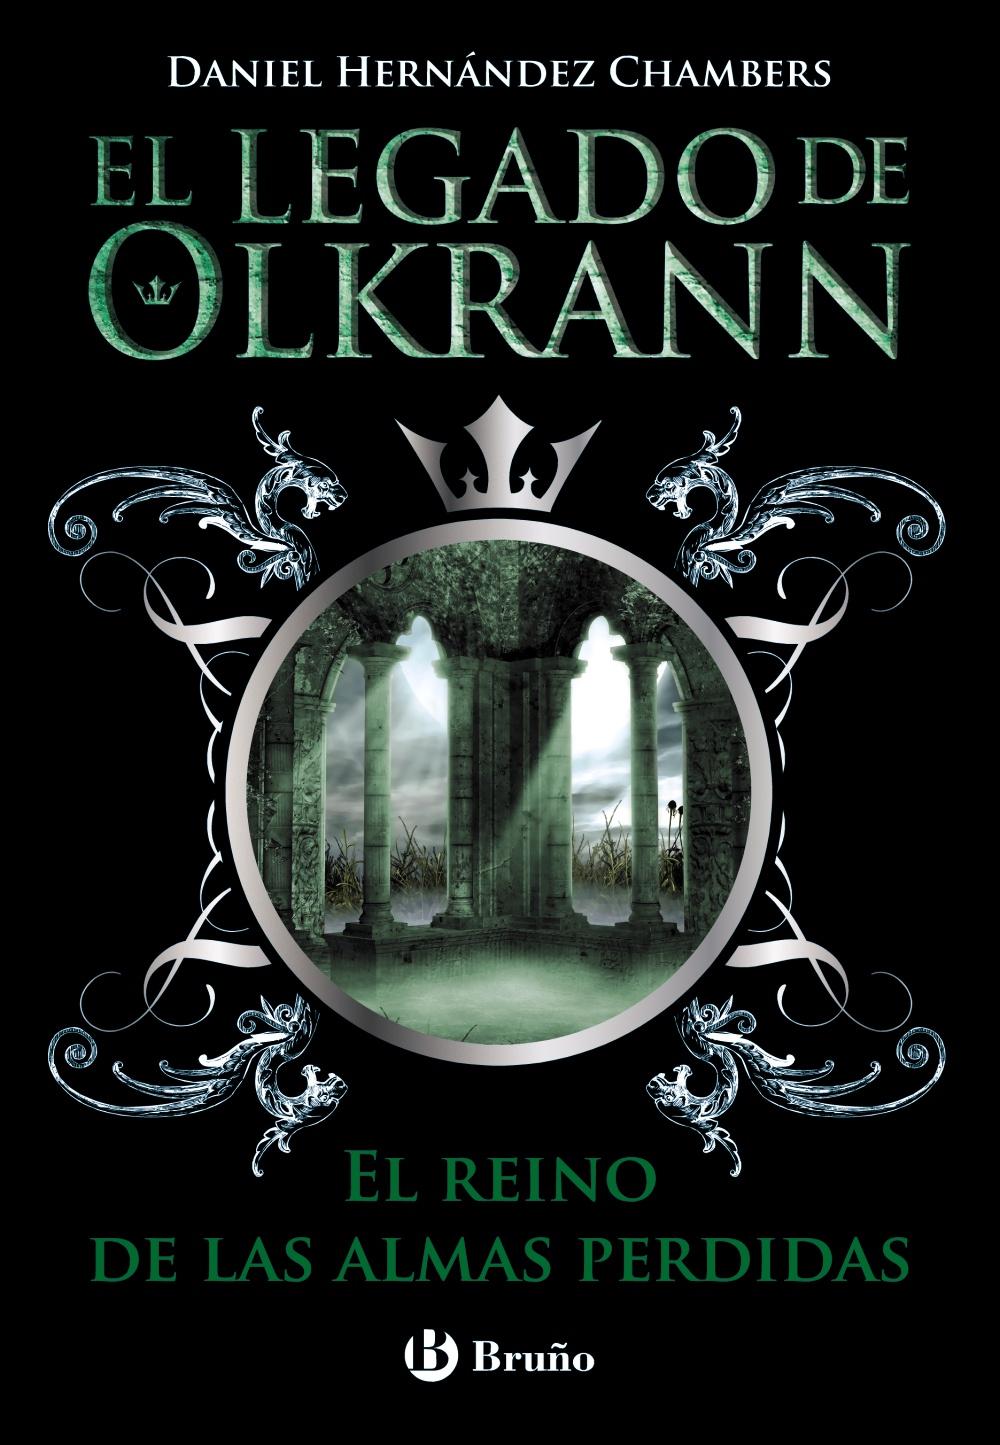 El legado de Olkrann, 3. El reino de las almas perdidas (ebook)